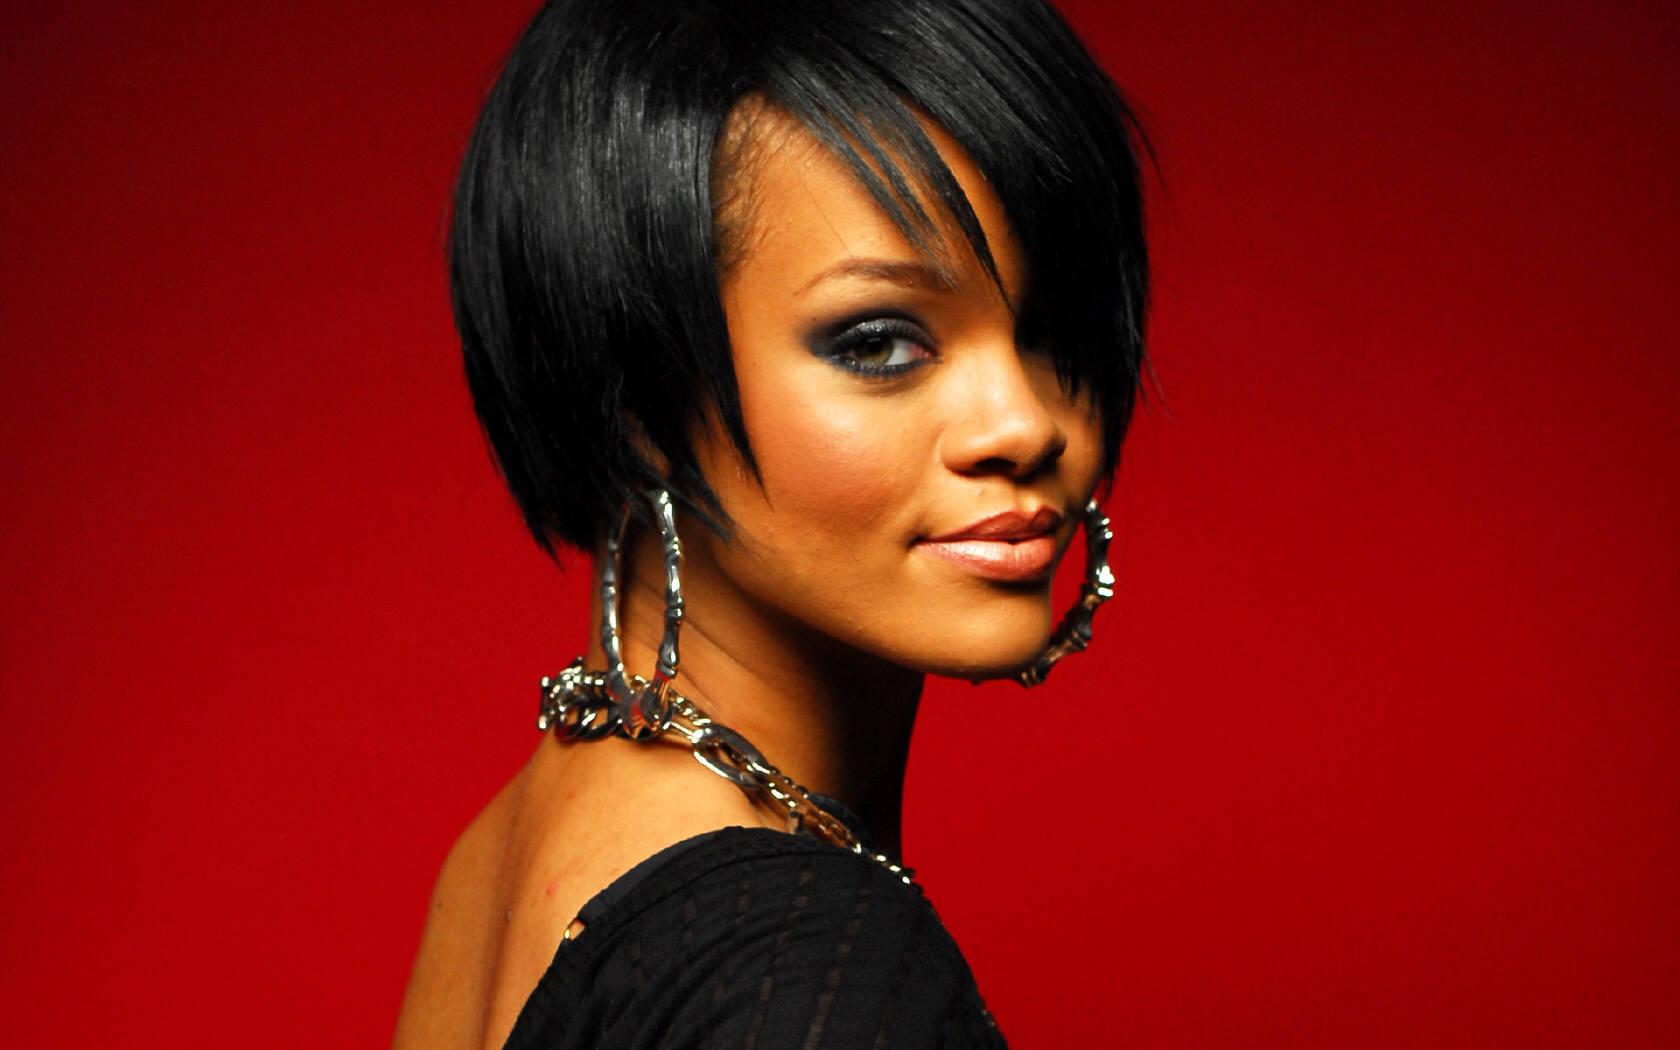 Rihanna Wallpapers   Rihanna Wallpapers Desktop Backgrounds 1680x1050